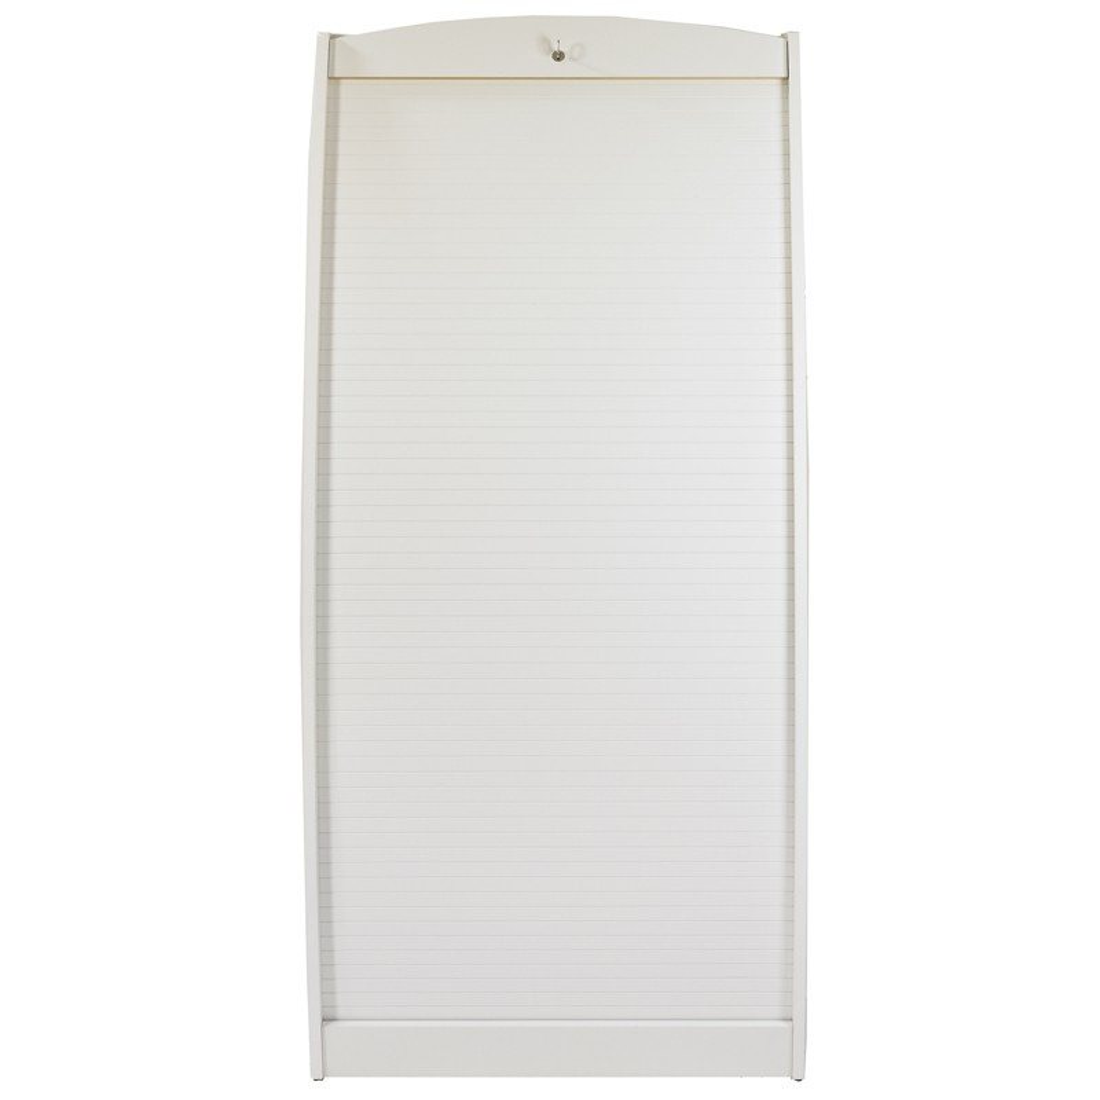 colonne informatique rideau blanc taille l info univers du bureau. Black Bedroom Furniture Sets. Home Design Ideas